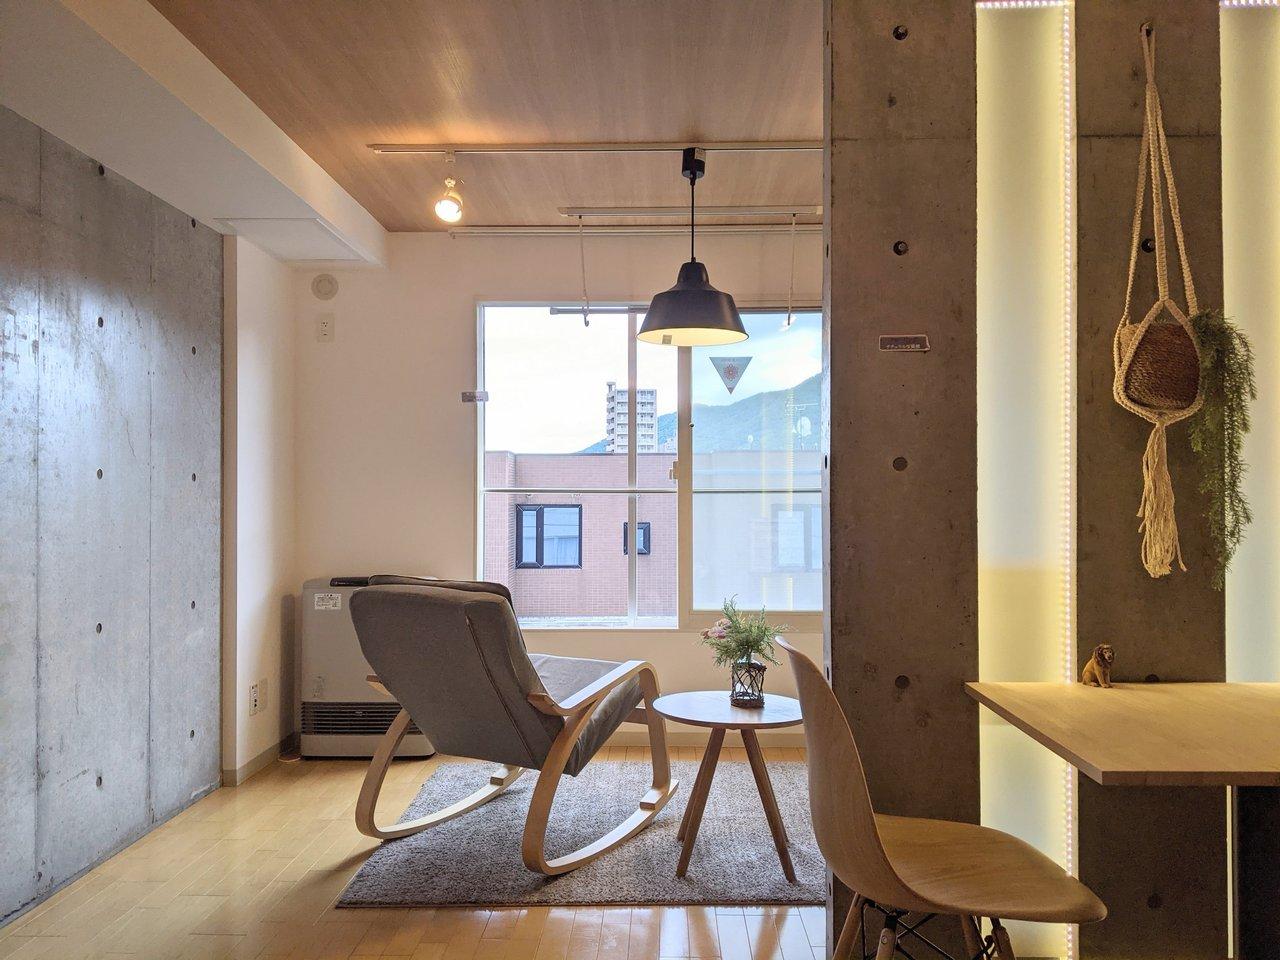 ダイニングとリビングがゆるやかに仕切られた、1DKのお部屋。その分開放感があって家具の配置もしやすそう。南向きの窓からは光もよく入ってきます。(※写真の家具はサンプルです)